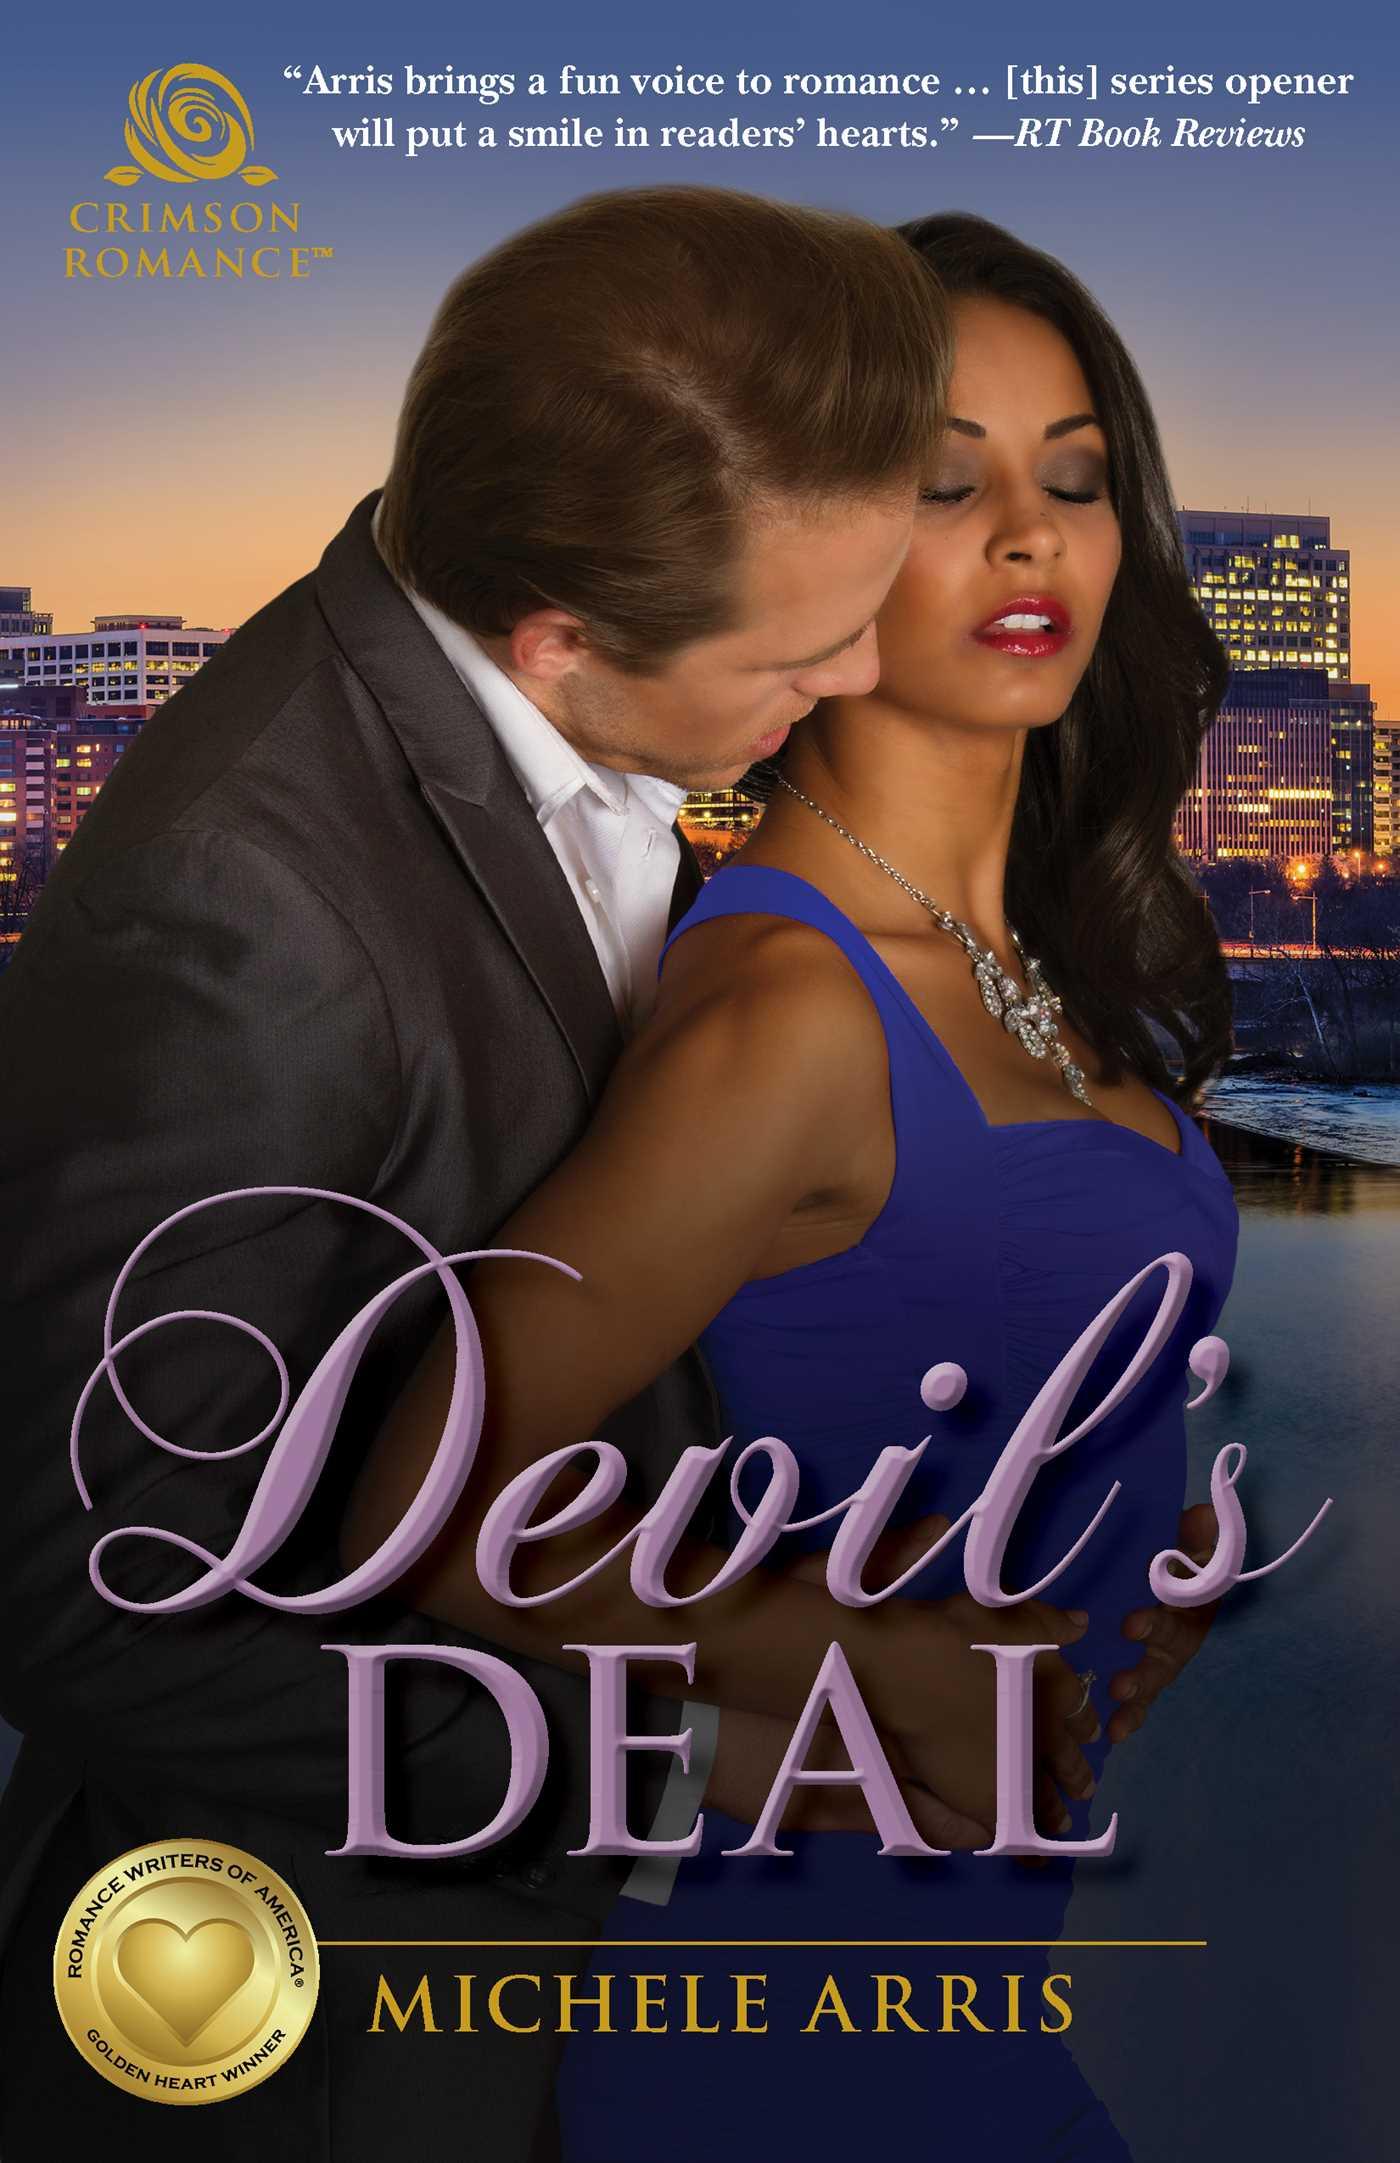 Devils deal 9781507204771 hr